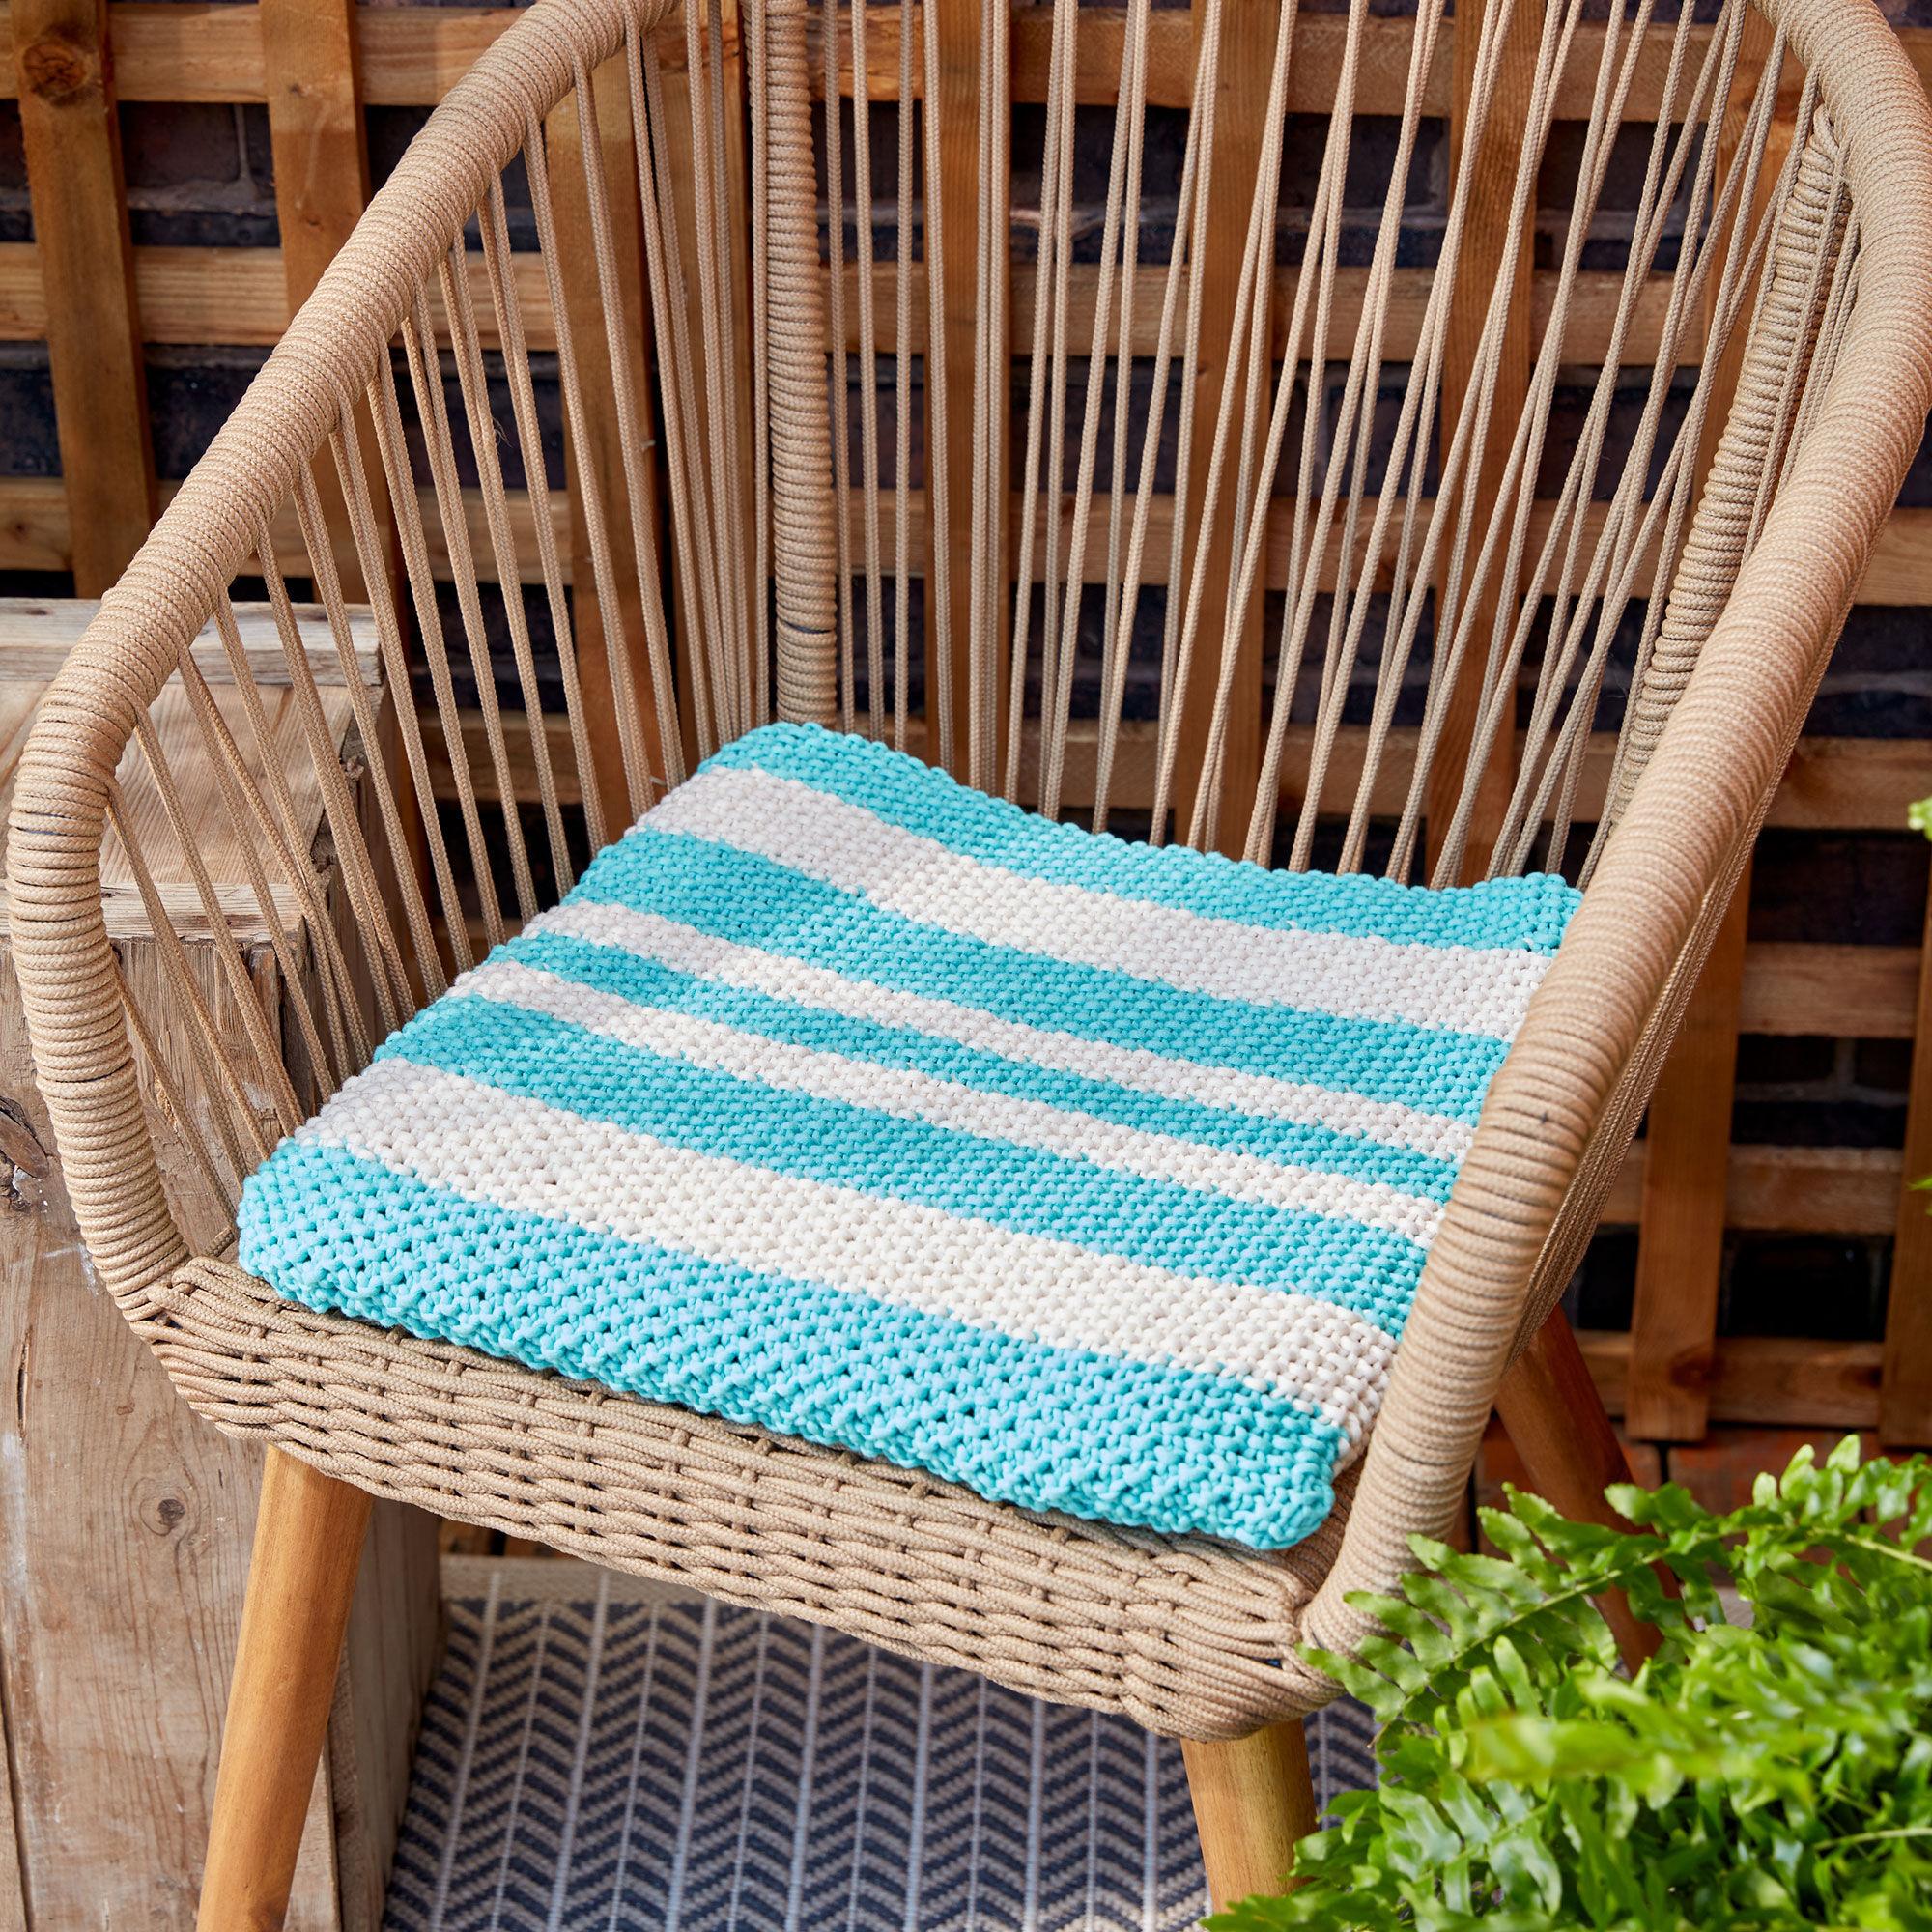 Bernat Knit Seat Cushion | Yarnspirations